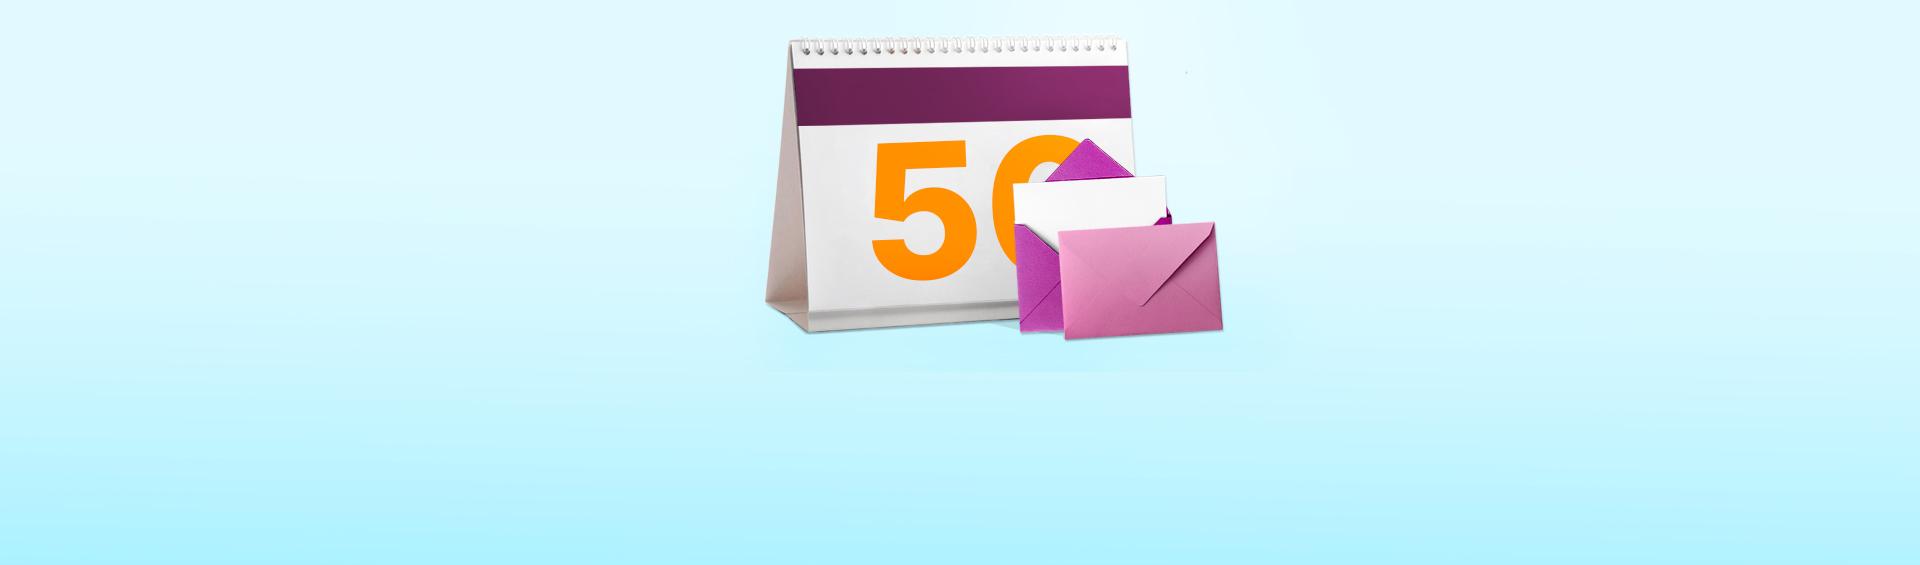 50 истин, которые я осознала, написав 50 email-рассылок